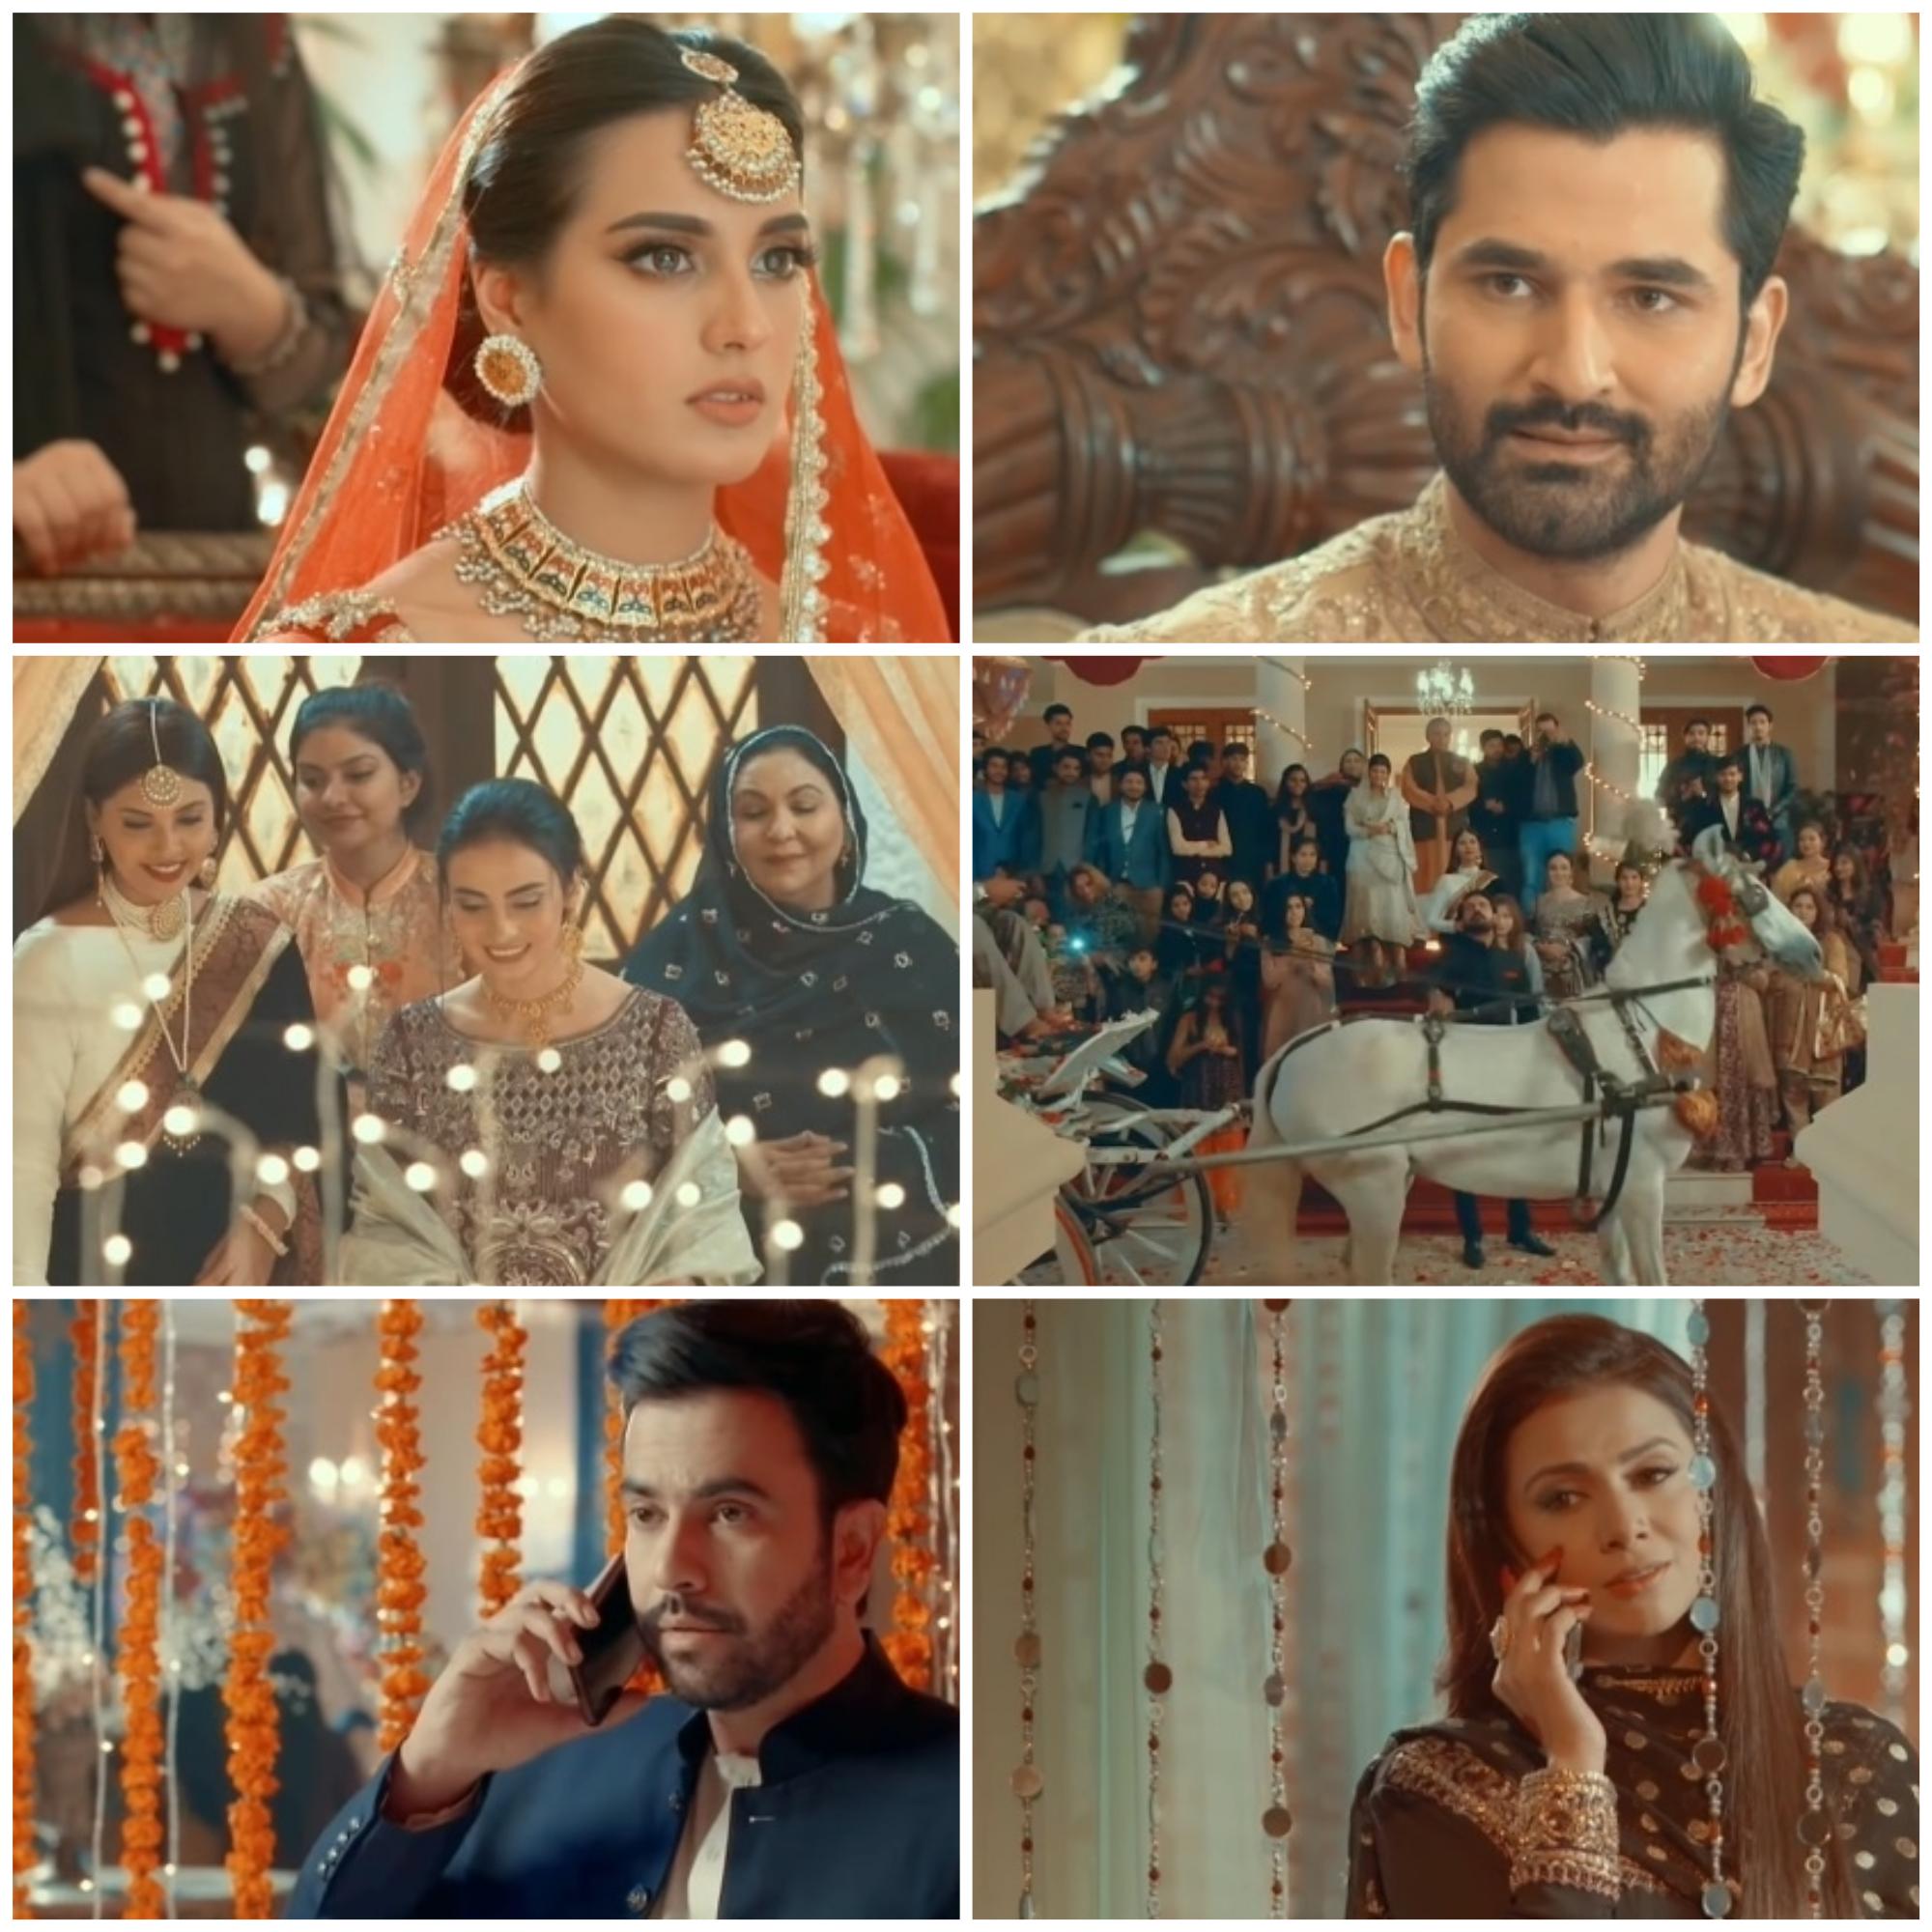 Khuda Aur Mohabbat 3 Episode 15 Story Review - Bucket Full of Tears